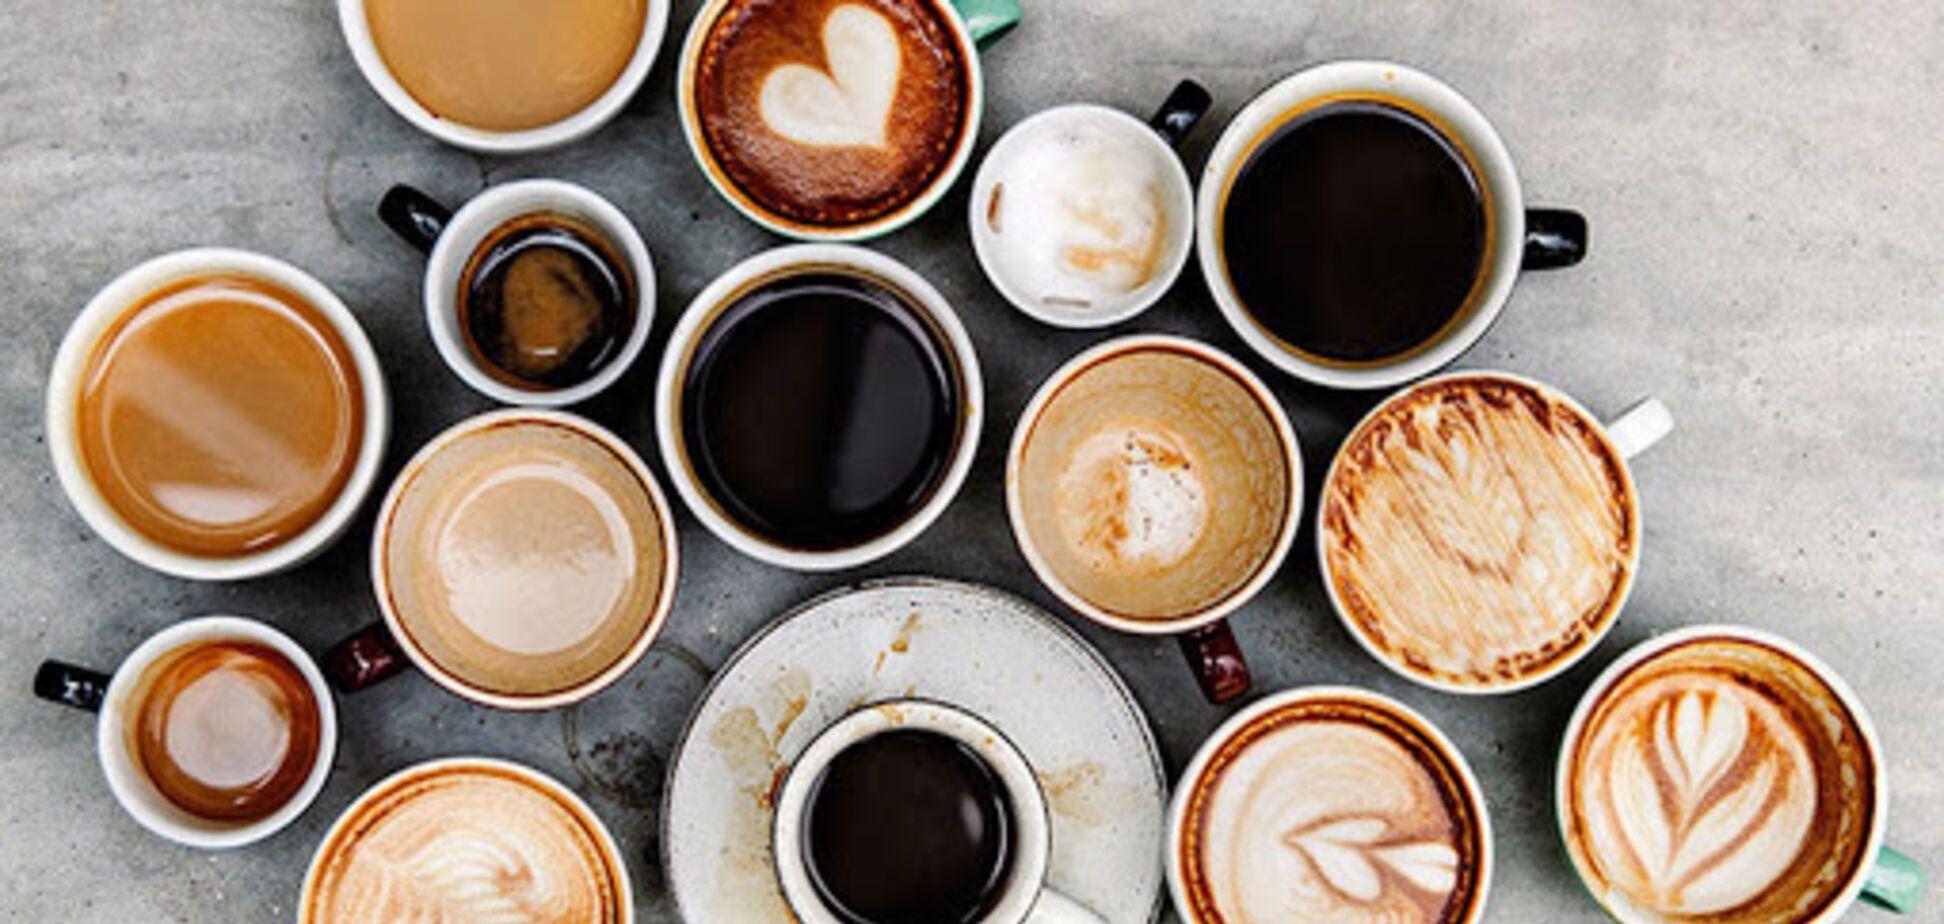 Американські вчені назвали каву корисним компонентом здорового харчування